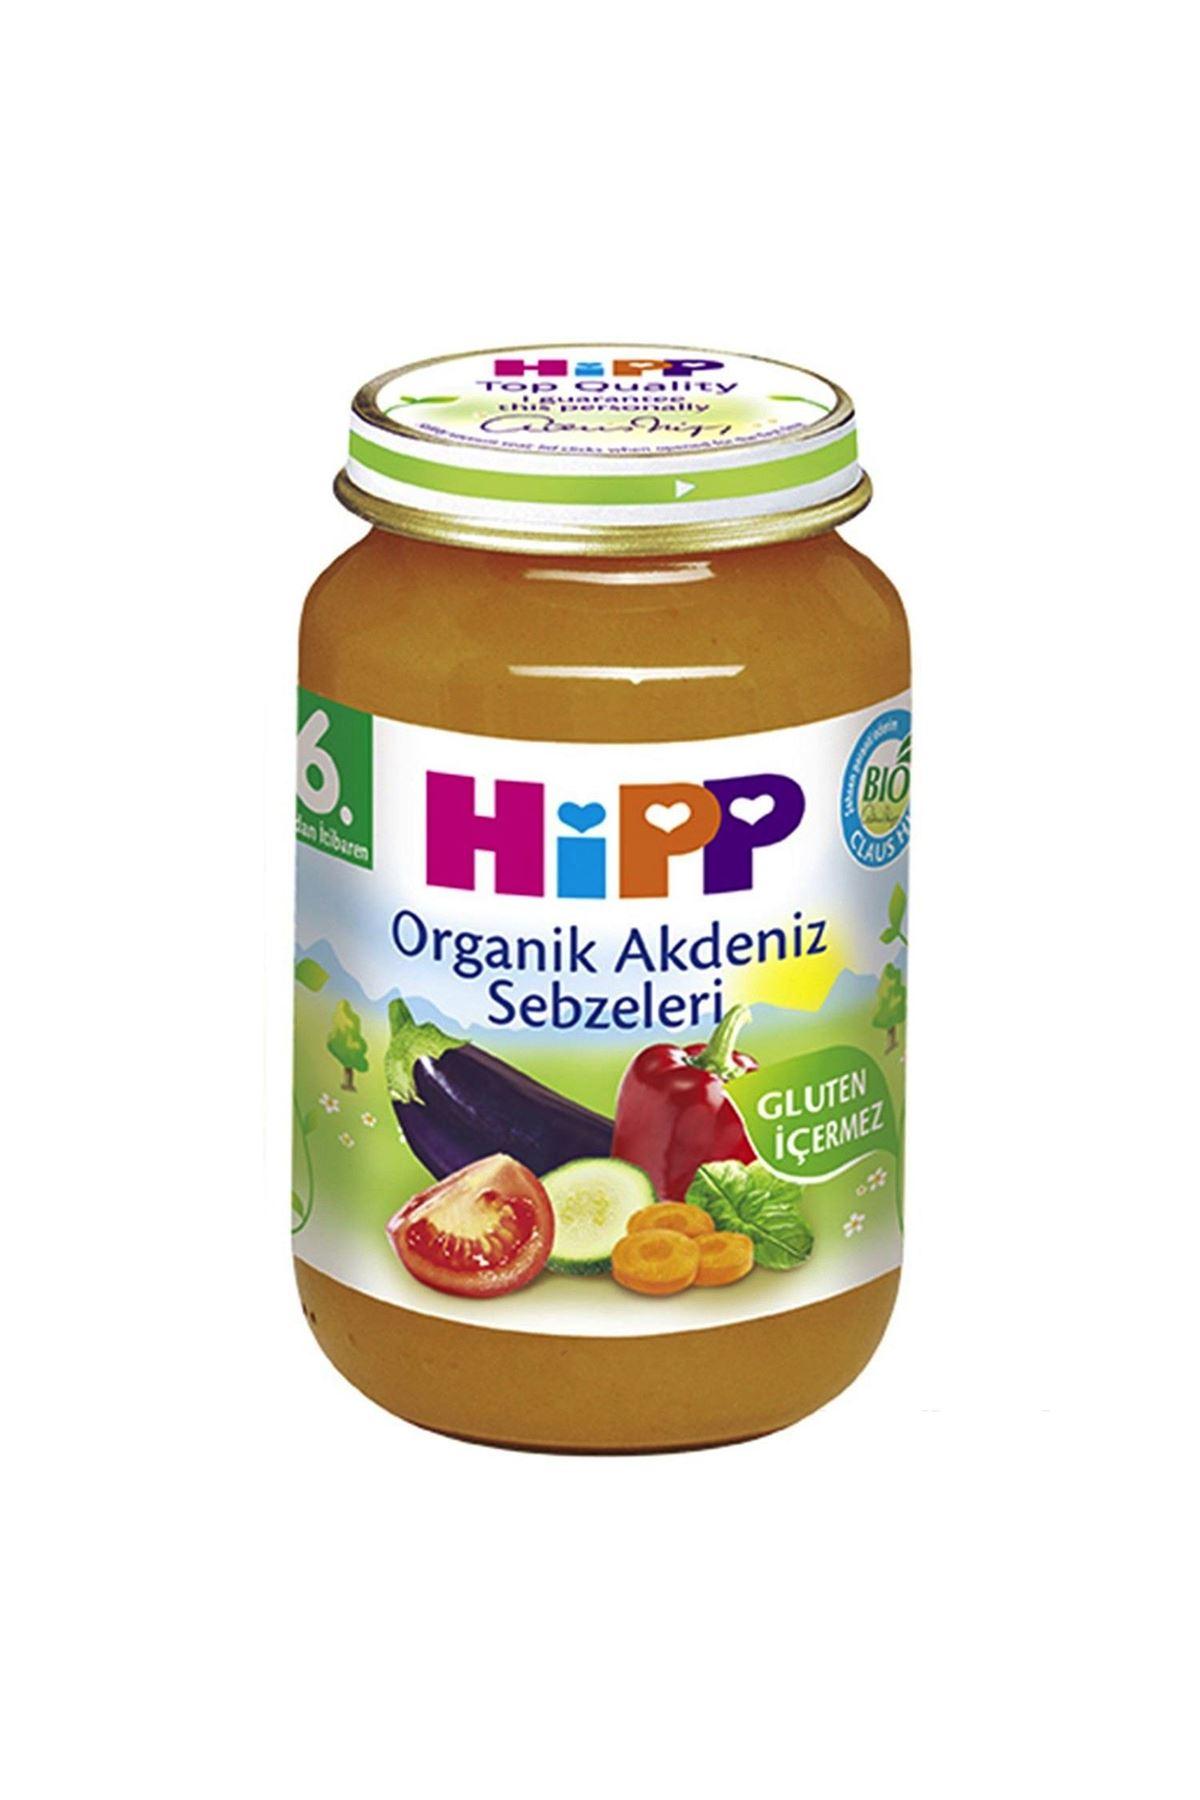 Hipp Organik Akdeniz Sebzeleri 190 Gr.